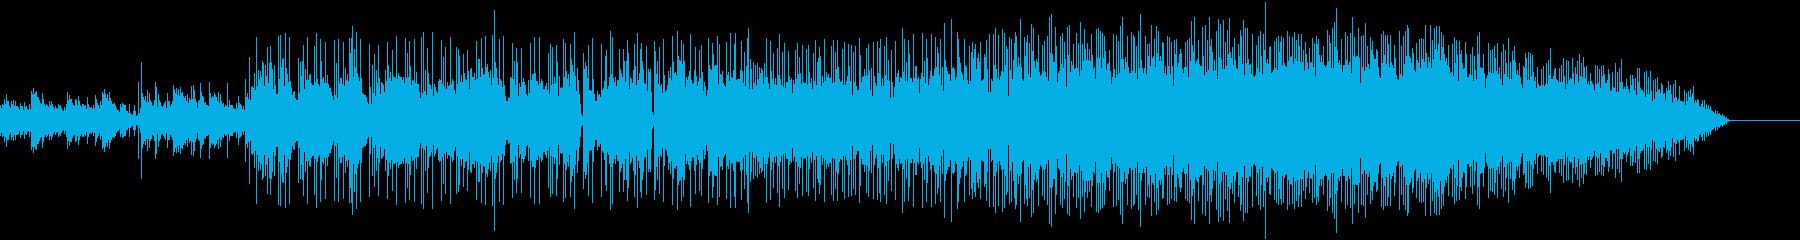 アコギから静かに始まり、パートがどんど…の再生済みの波形